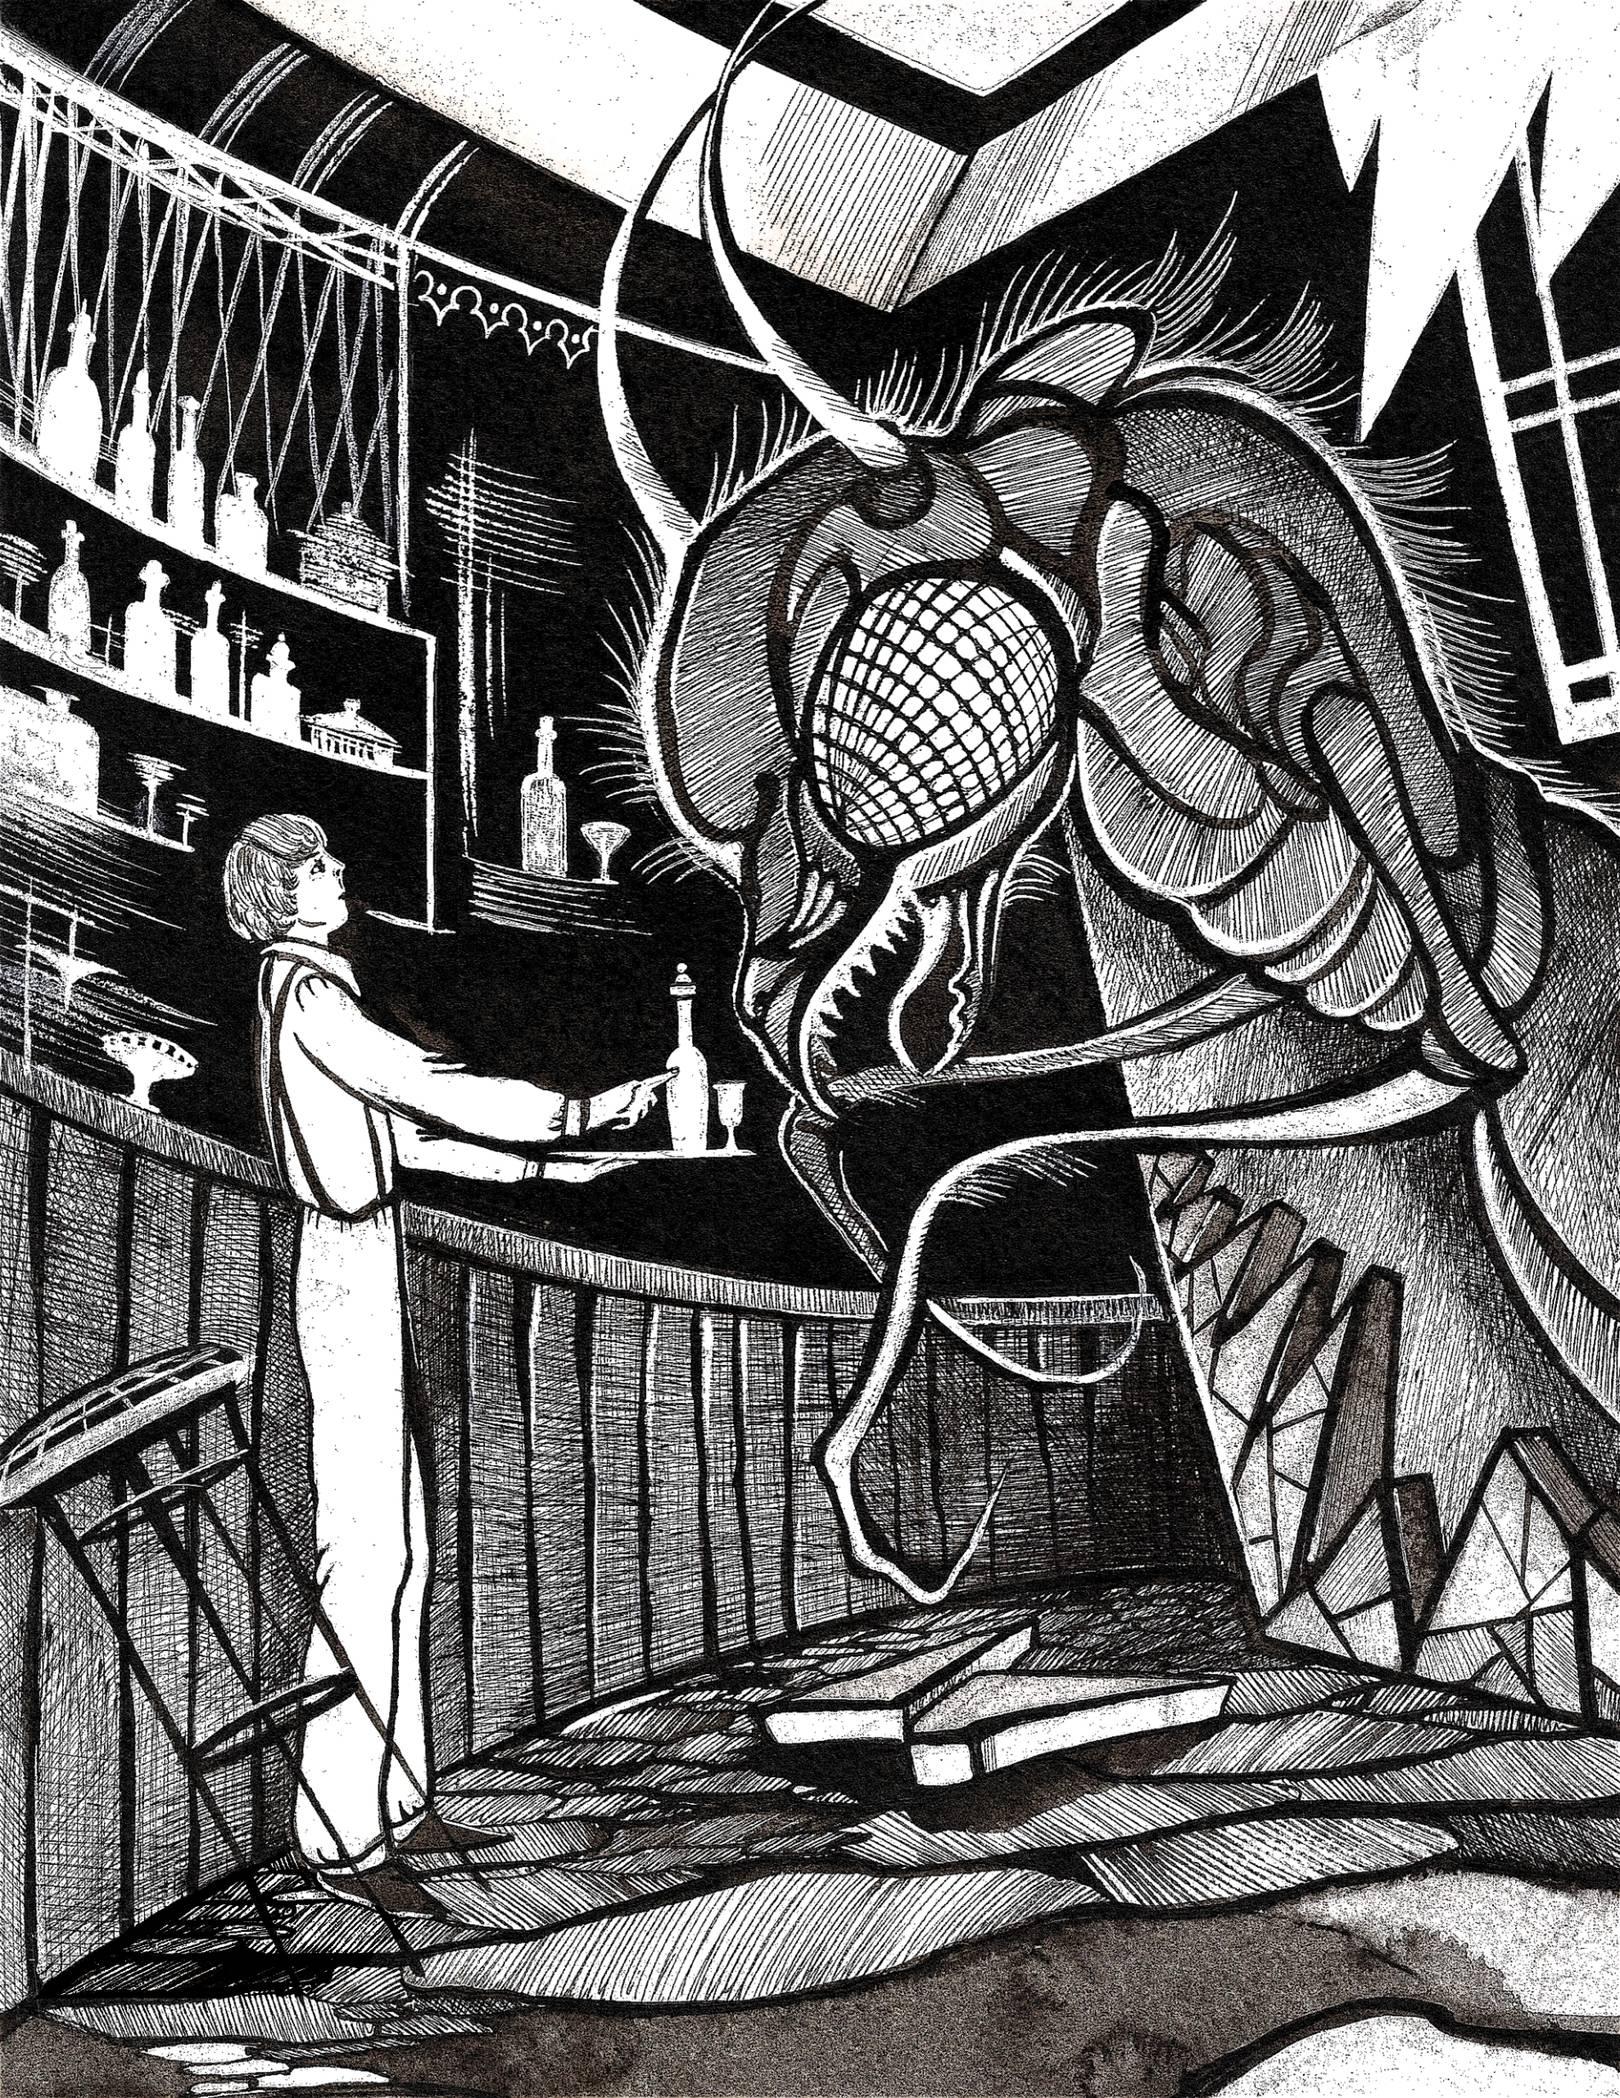 Оракул (сборник рассказов) Роберт Блох. Иллюстрация.